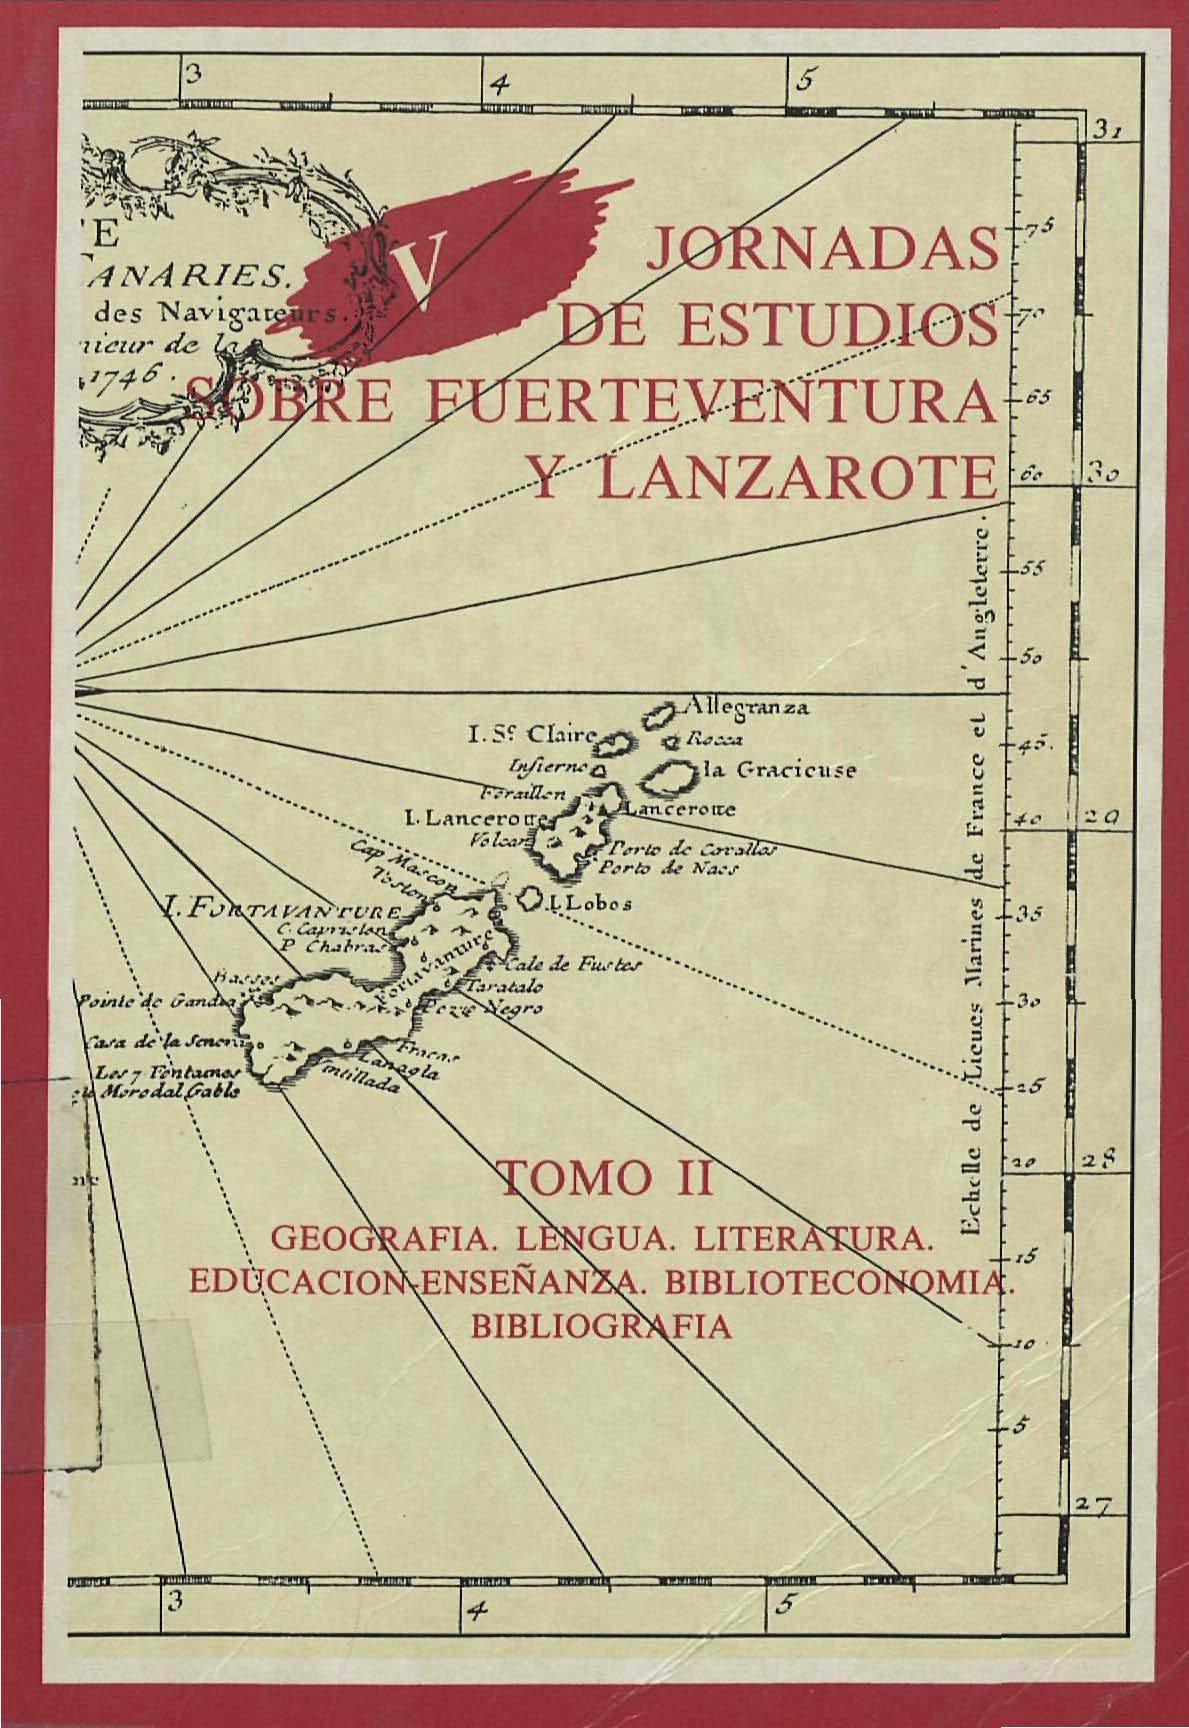 Una aproximación al estudio de los fitónimos de las islas orientales (Fuerteventura y Lanzarote). Aportes léxicos